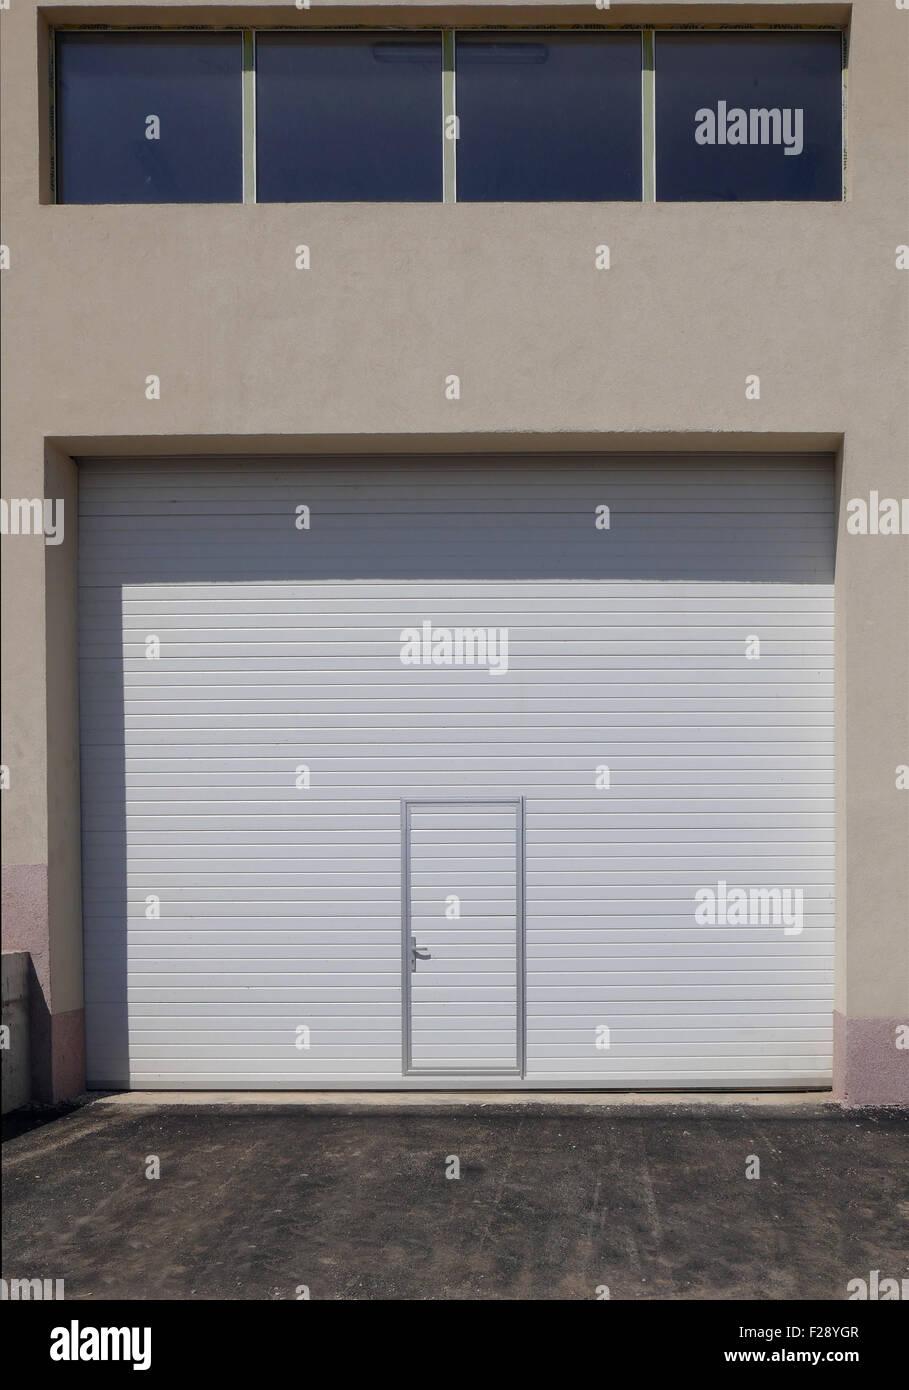 Modern metal door and window. - Stock Image